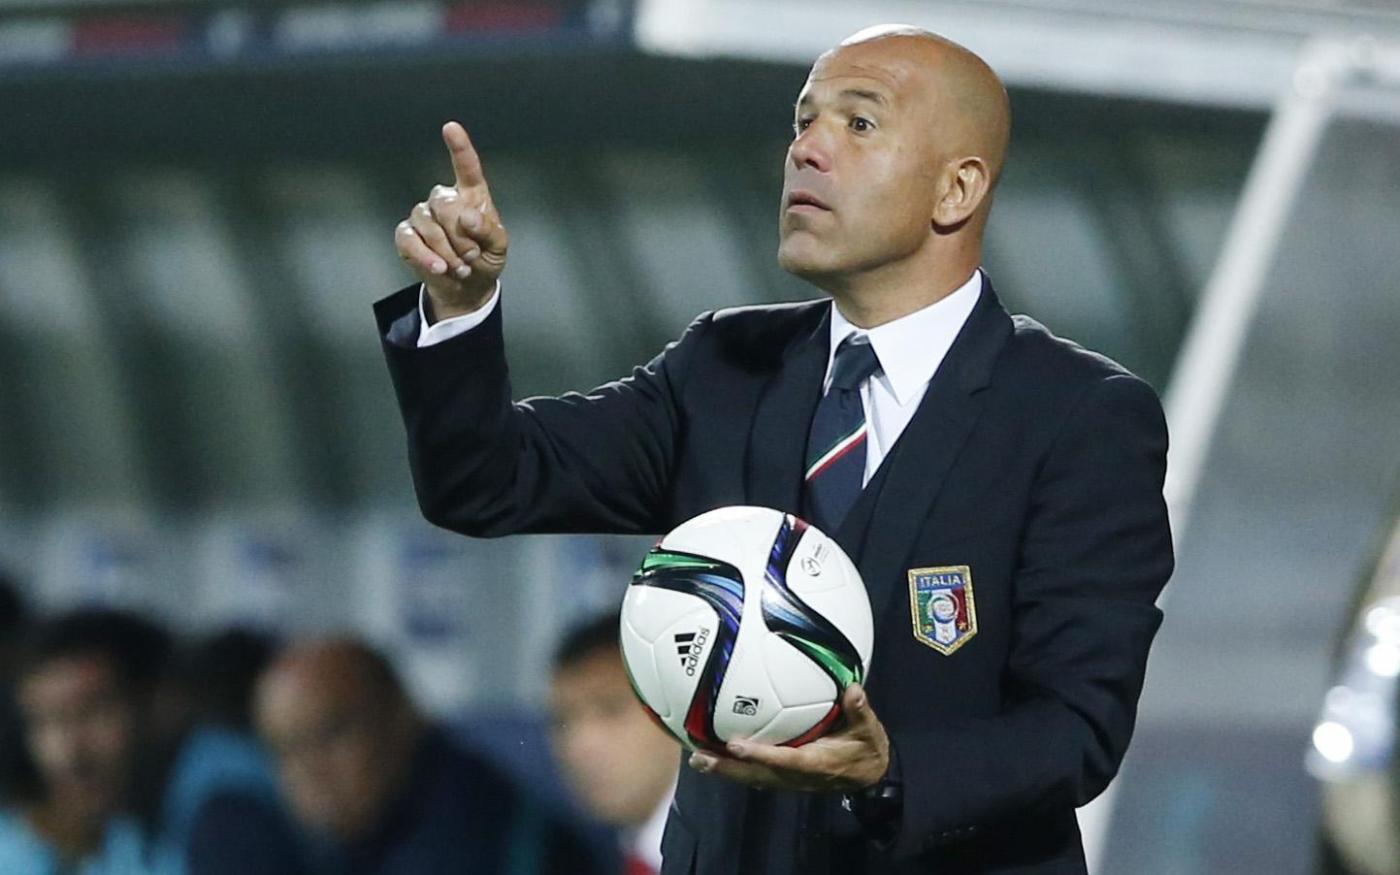 """Di Biagio: """"Chiesa farà l'europeo under 21. Ho visto Mancini, sembrava Beckenbauer…"""""""